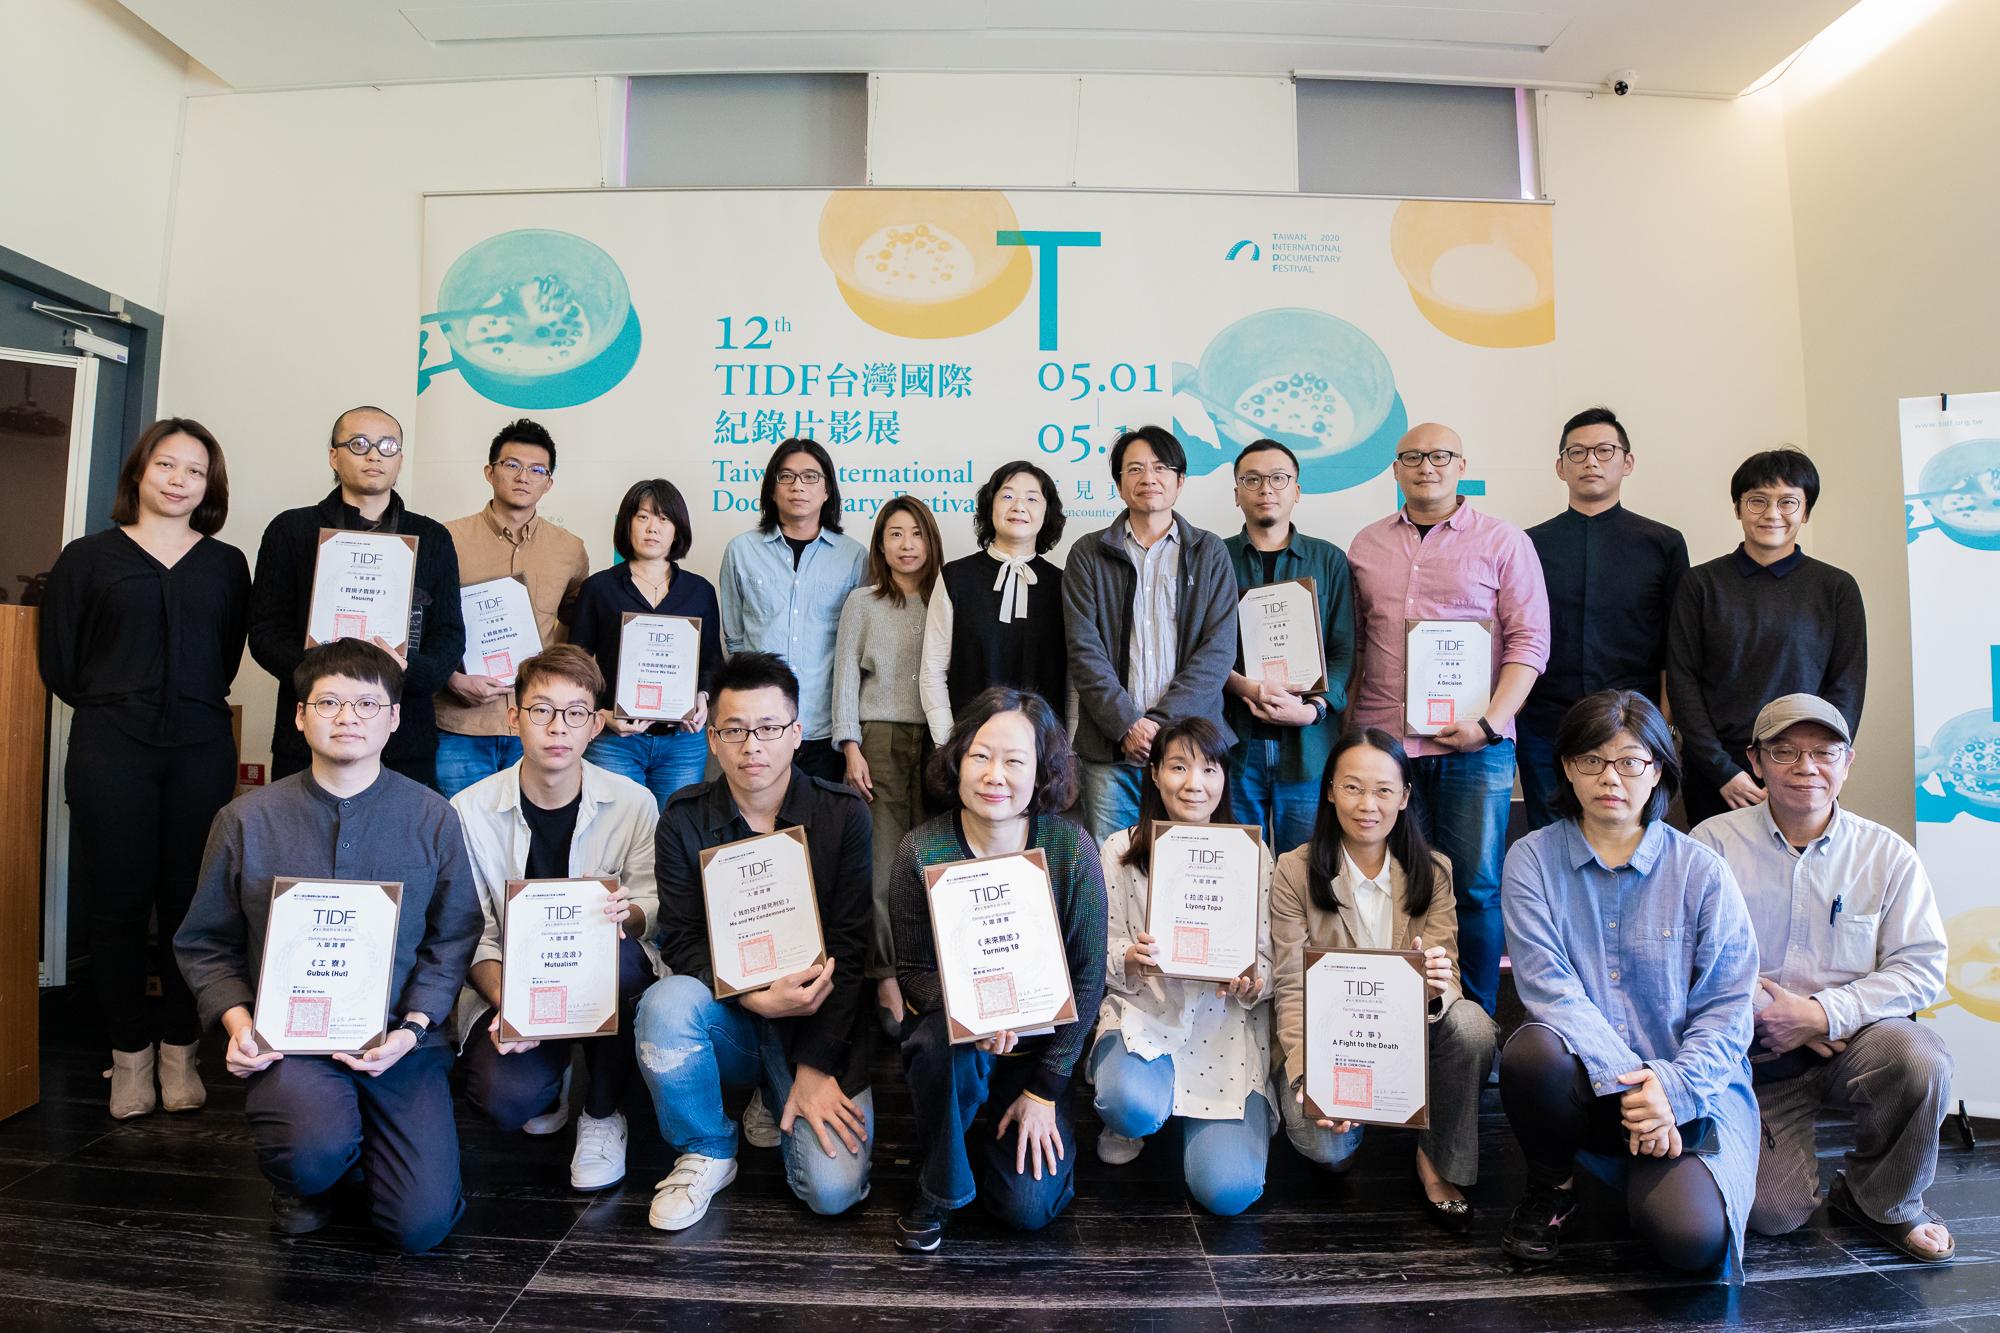 TIDF台灣競賽入圍導演與初選委員大合照